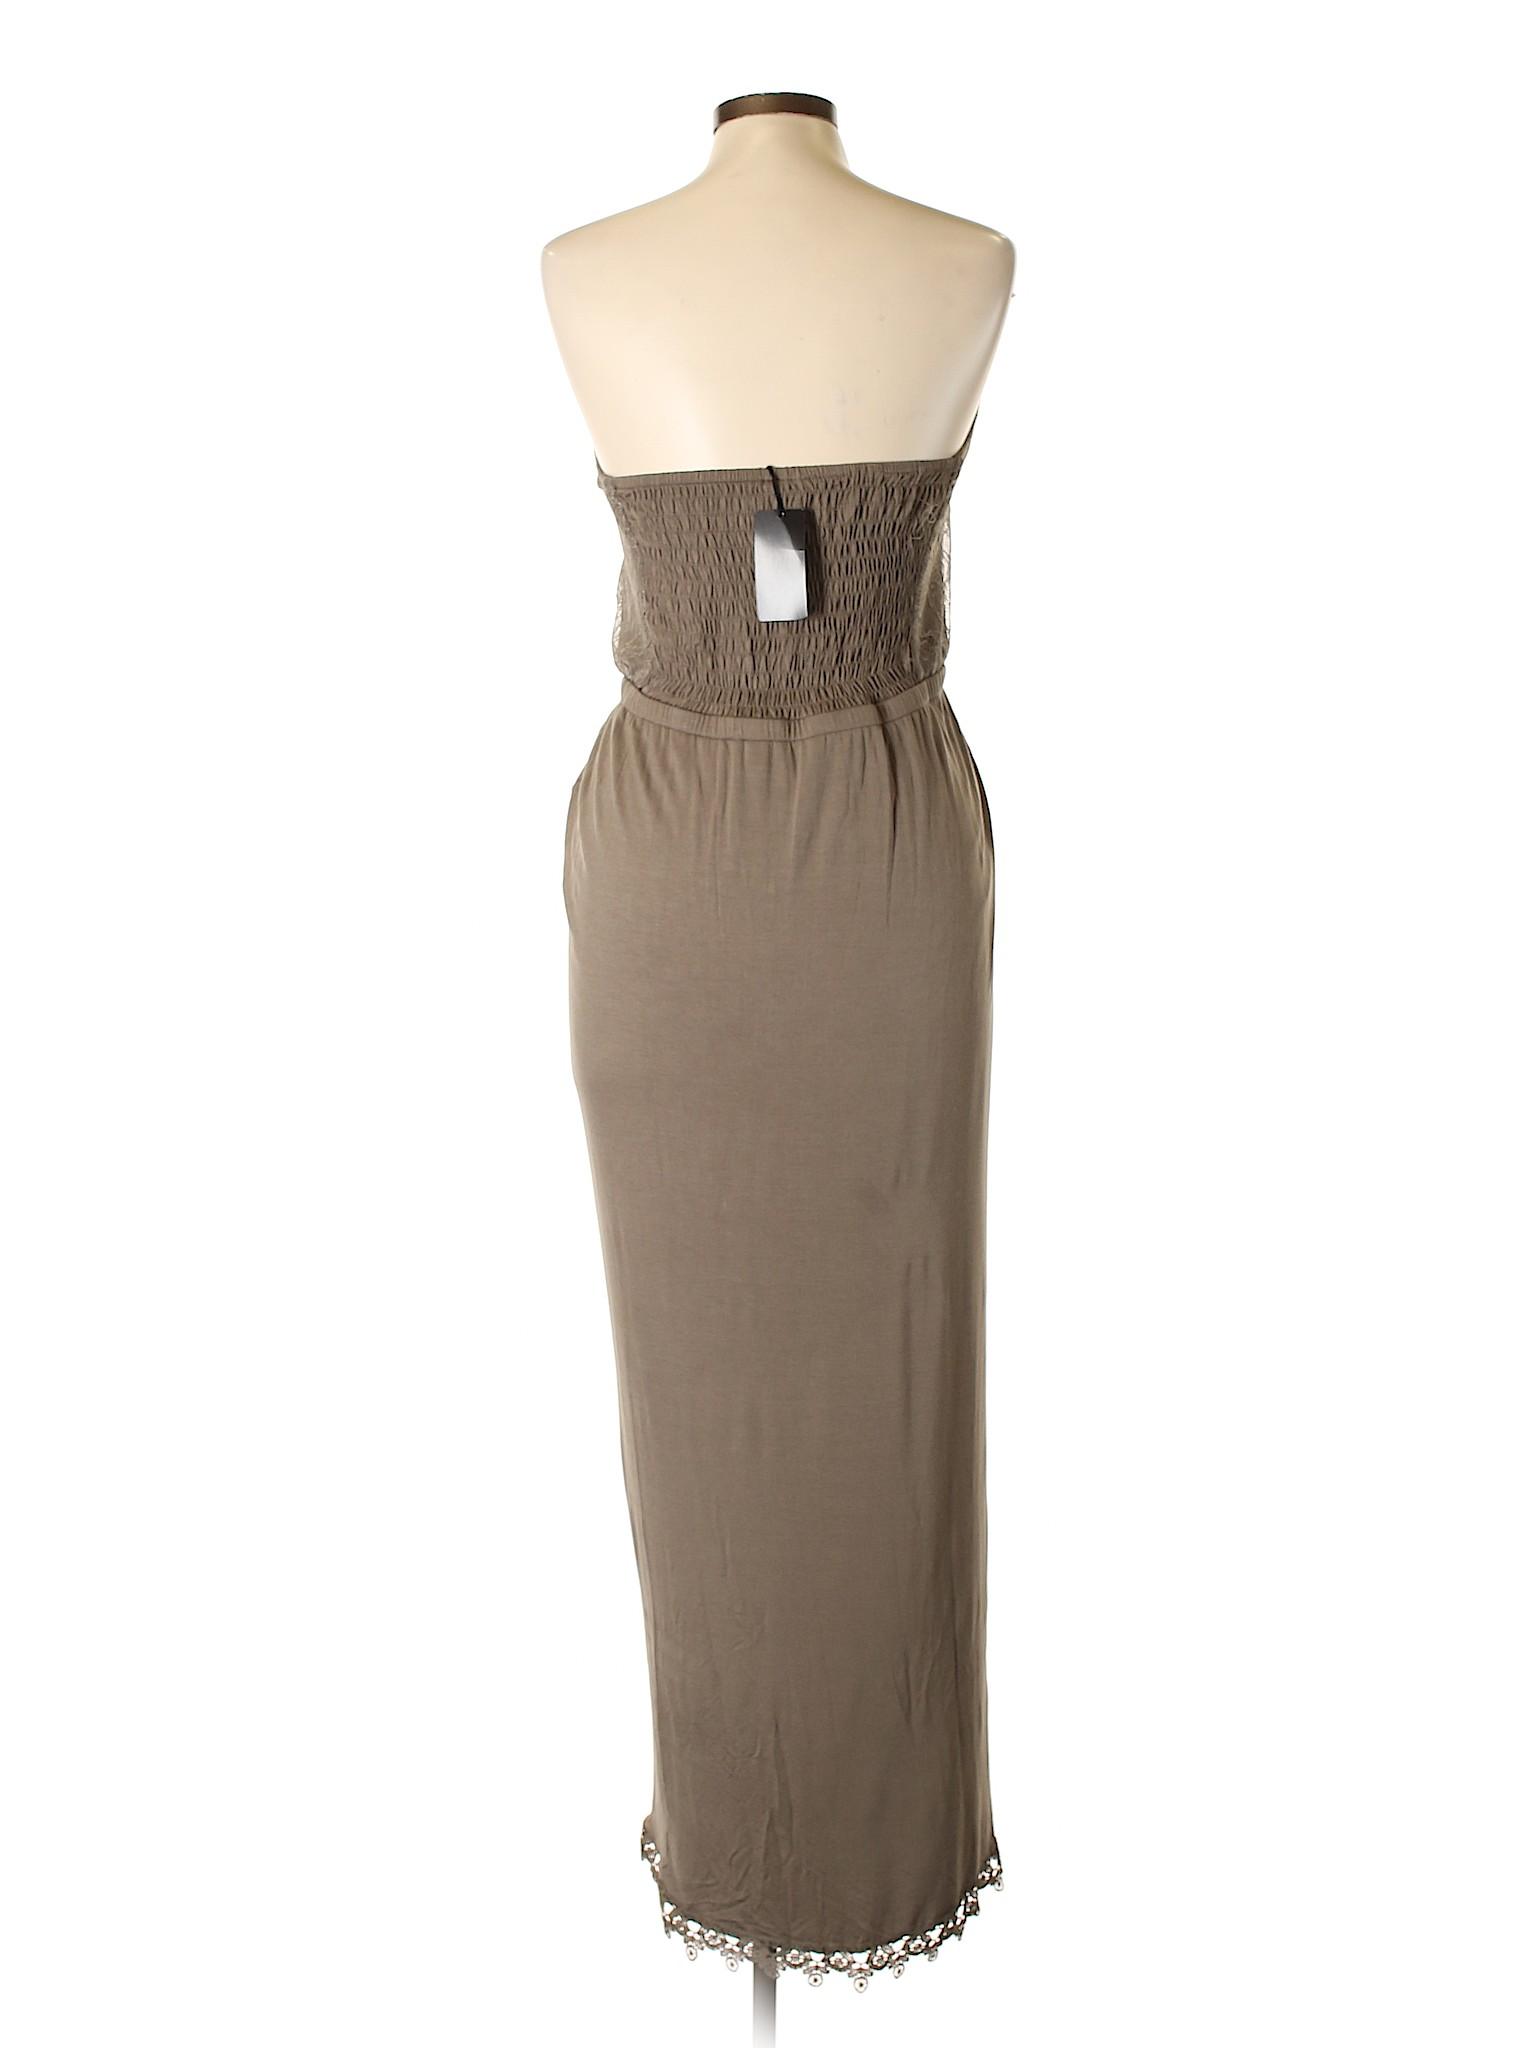 Lascana Boutique winter winter Boutique Dress Casual Lascana Casual RXdwqv6w